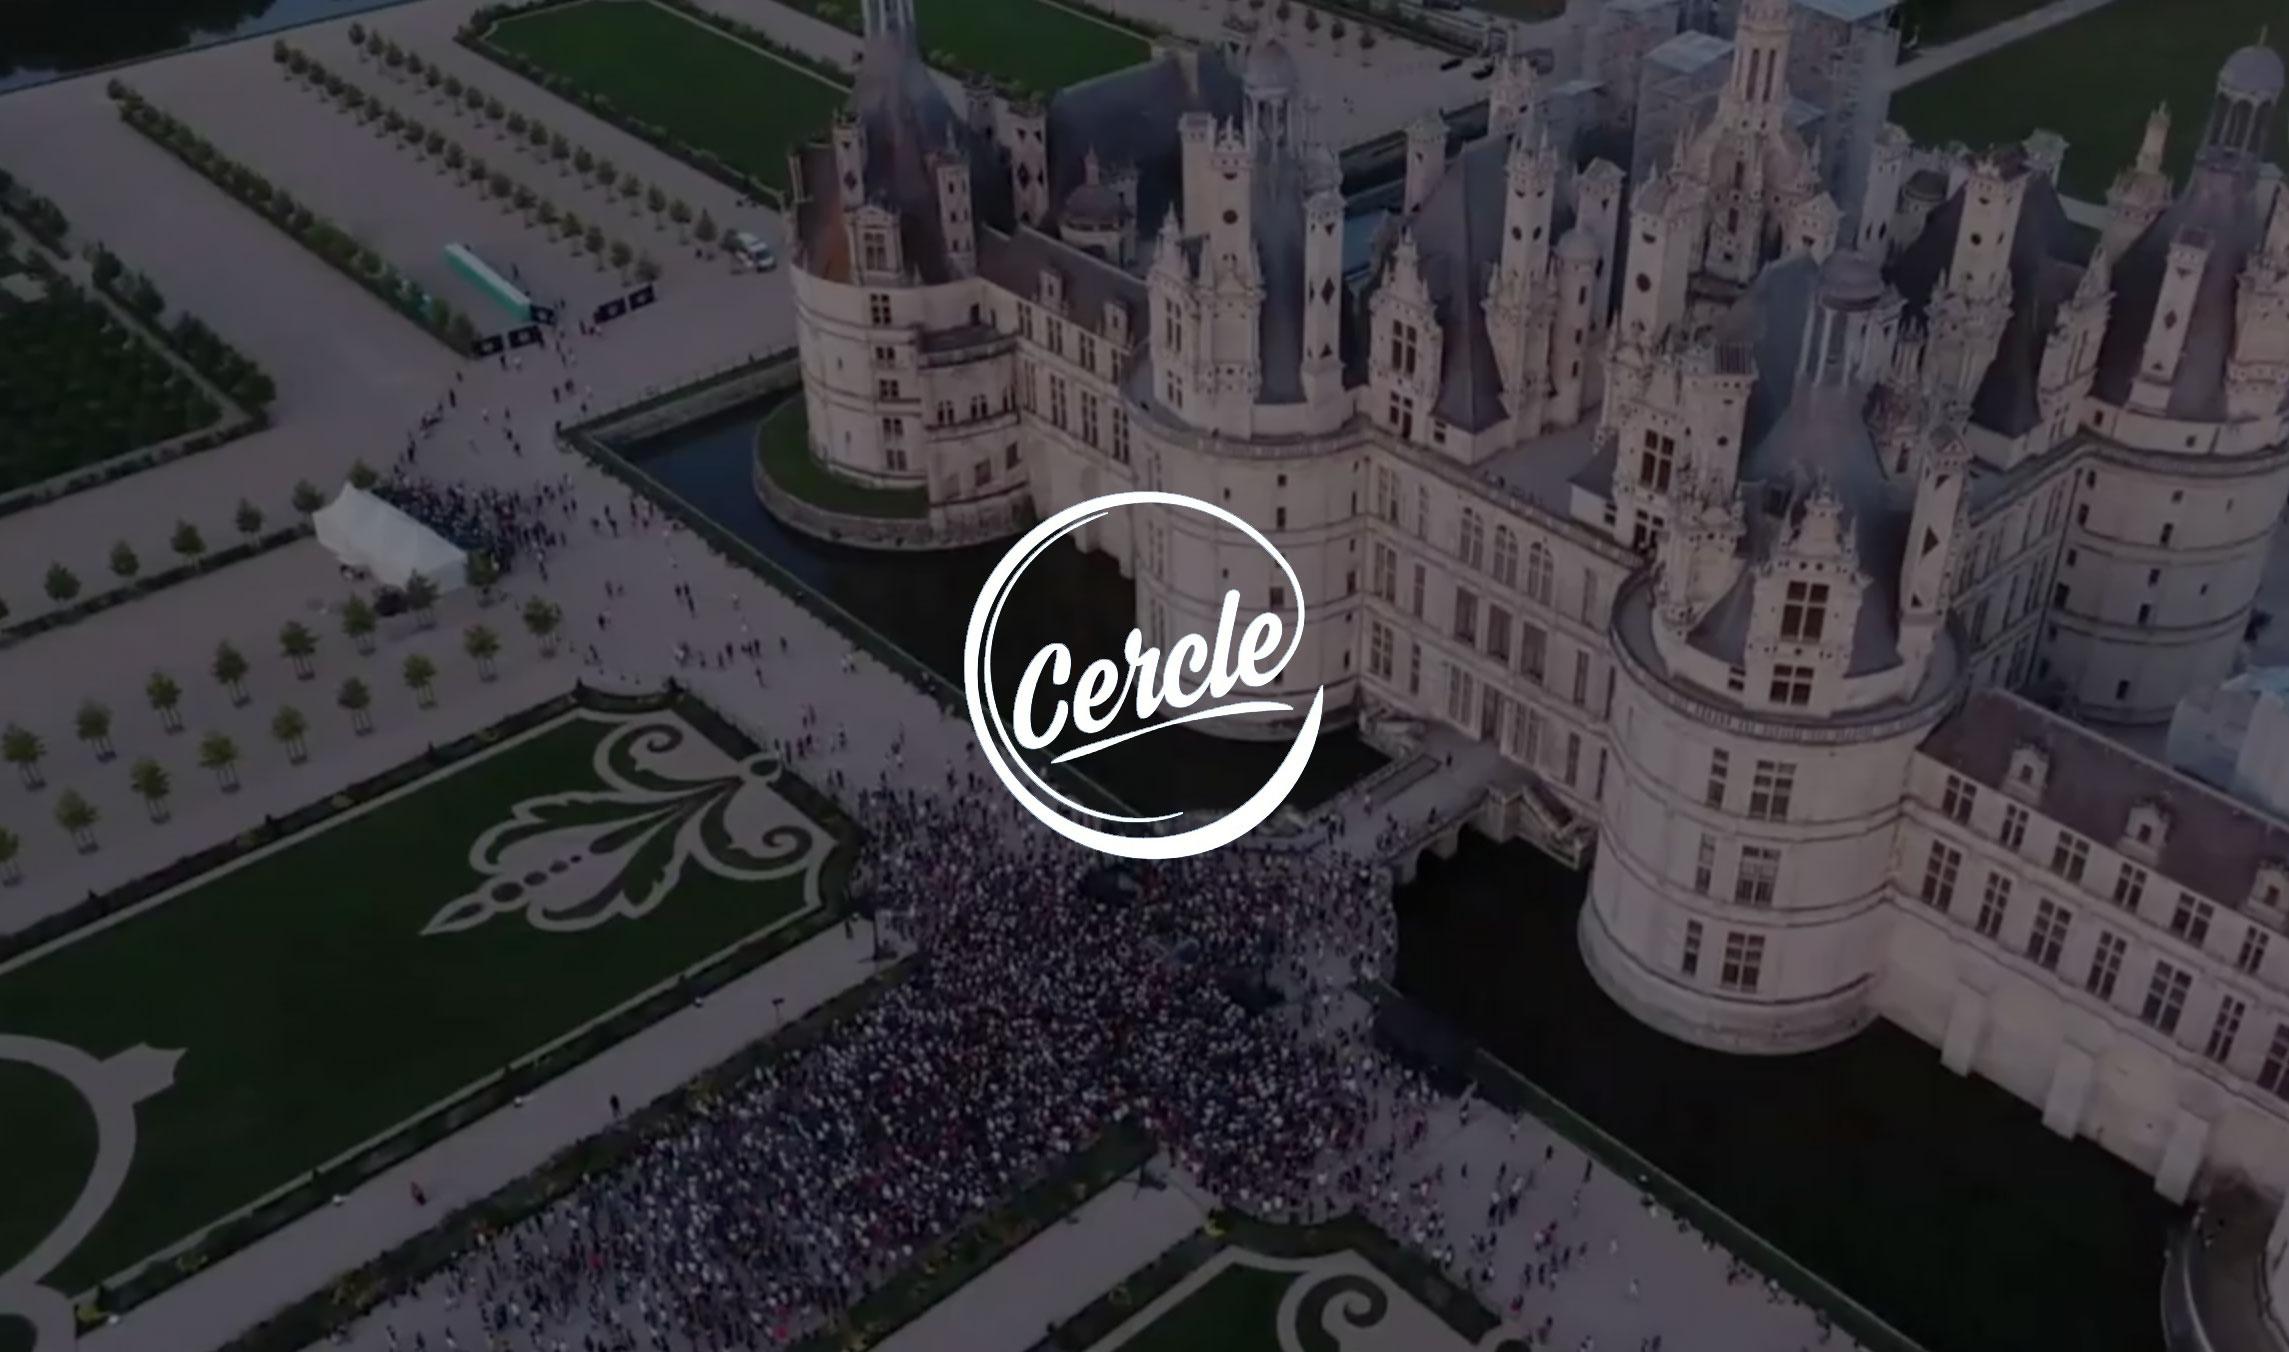 Cercle – Cineastische Konkurrenz für Boiler Room?